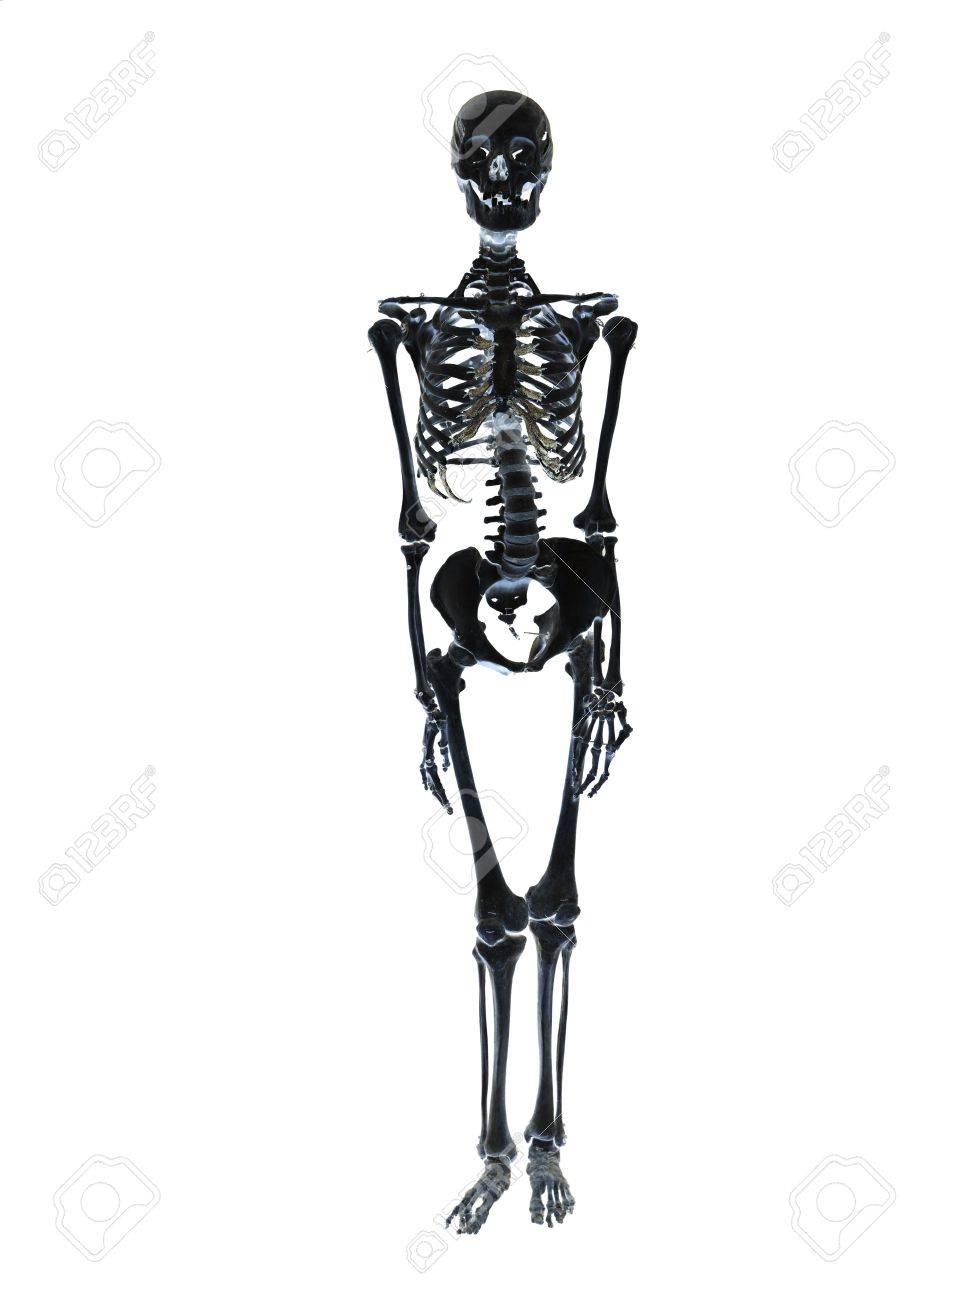 4836949-black-skeleton-towards-white-background.jpg